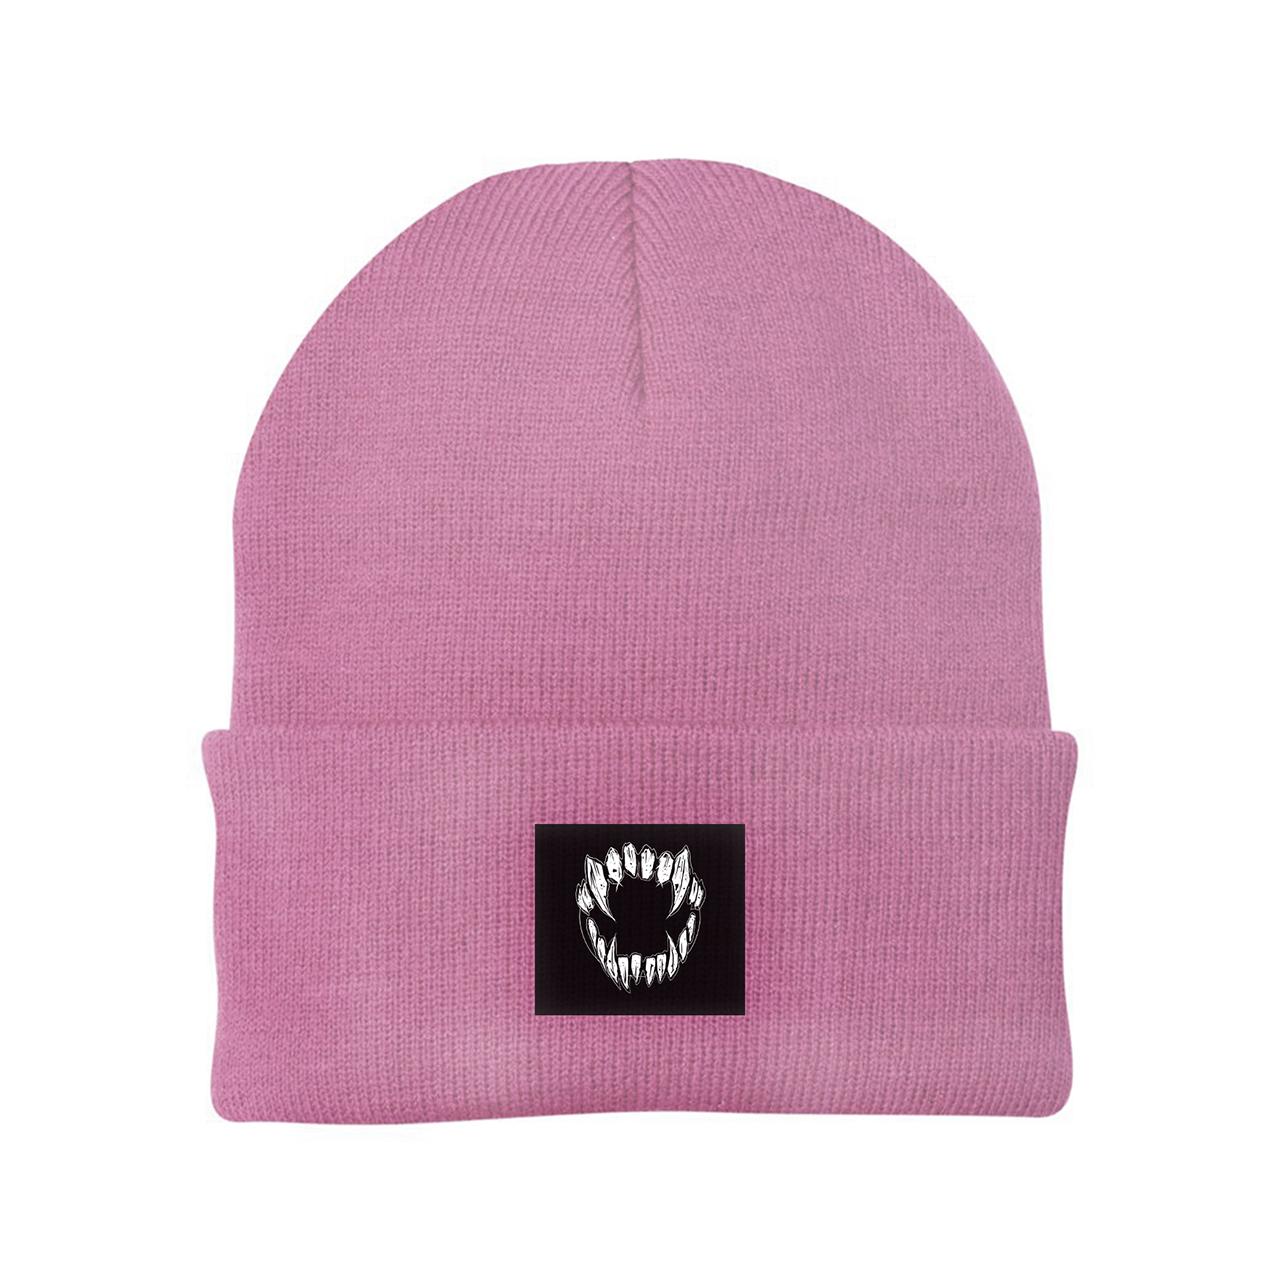 GHOSTKID Ghøstkid - Vampire Teeth Patch Beanie Beanie, dusty pink